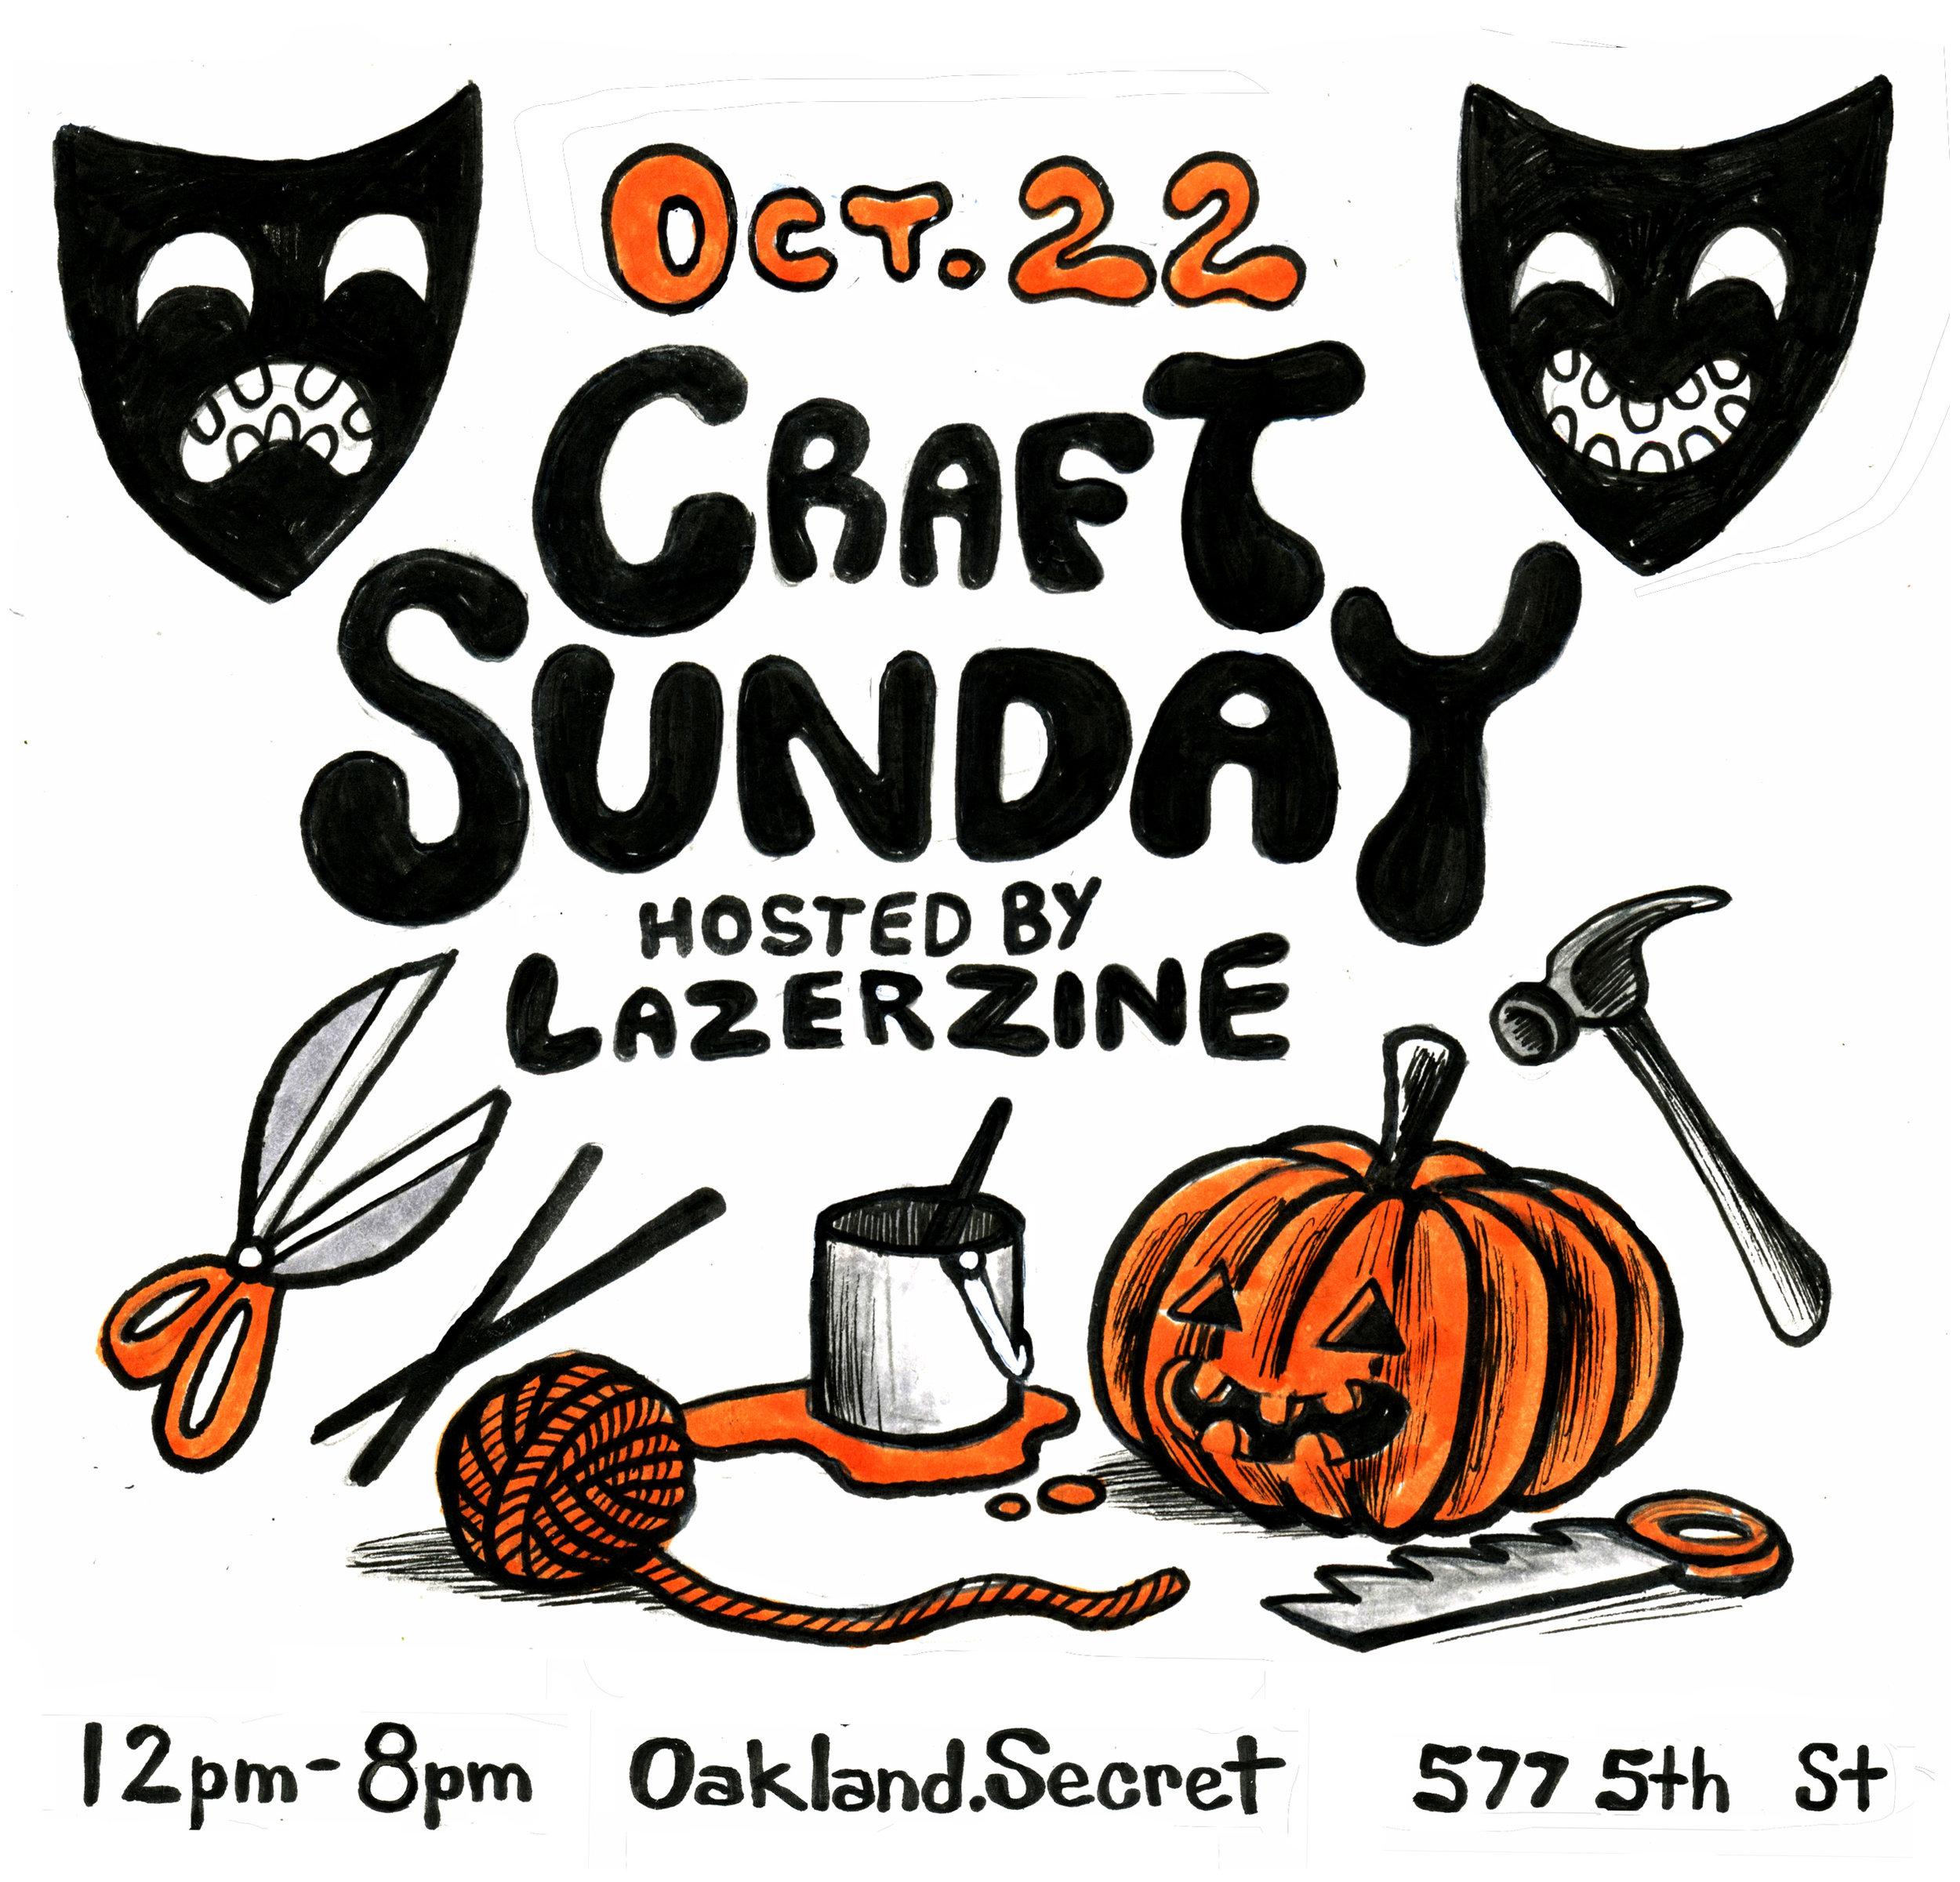 Flyer art for craft day at Oakland.Secret  2017 ink on paper